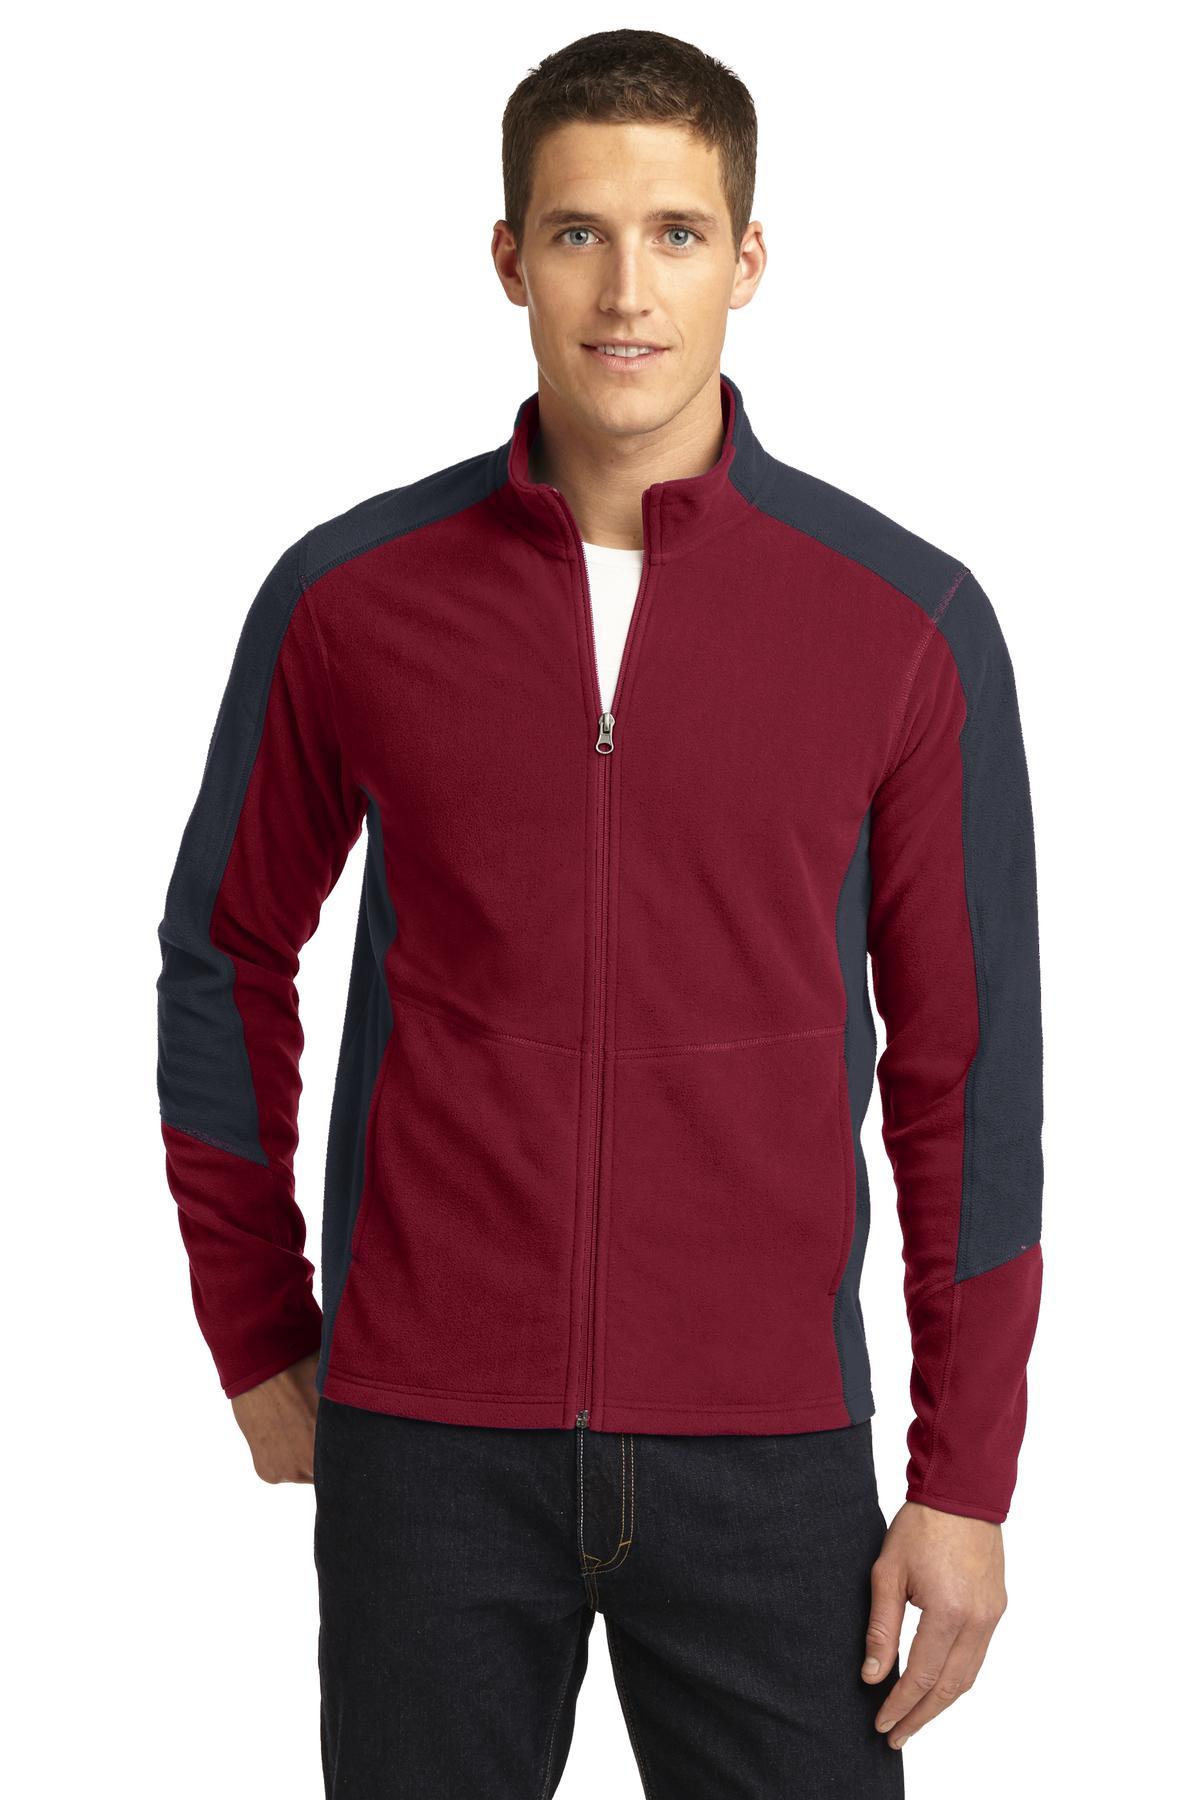 Outerwear-Polyester-Fleece-33